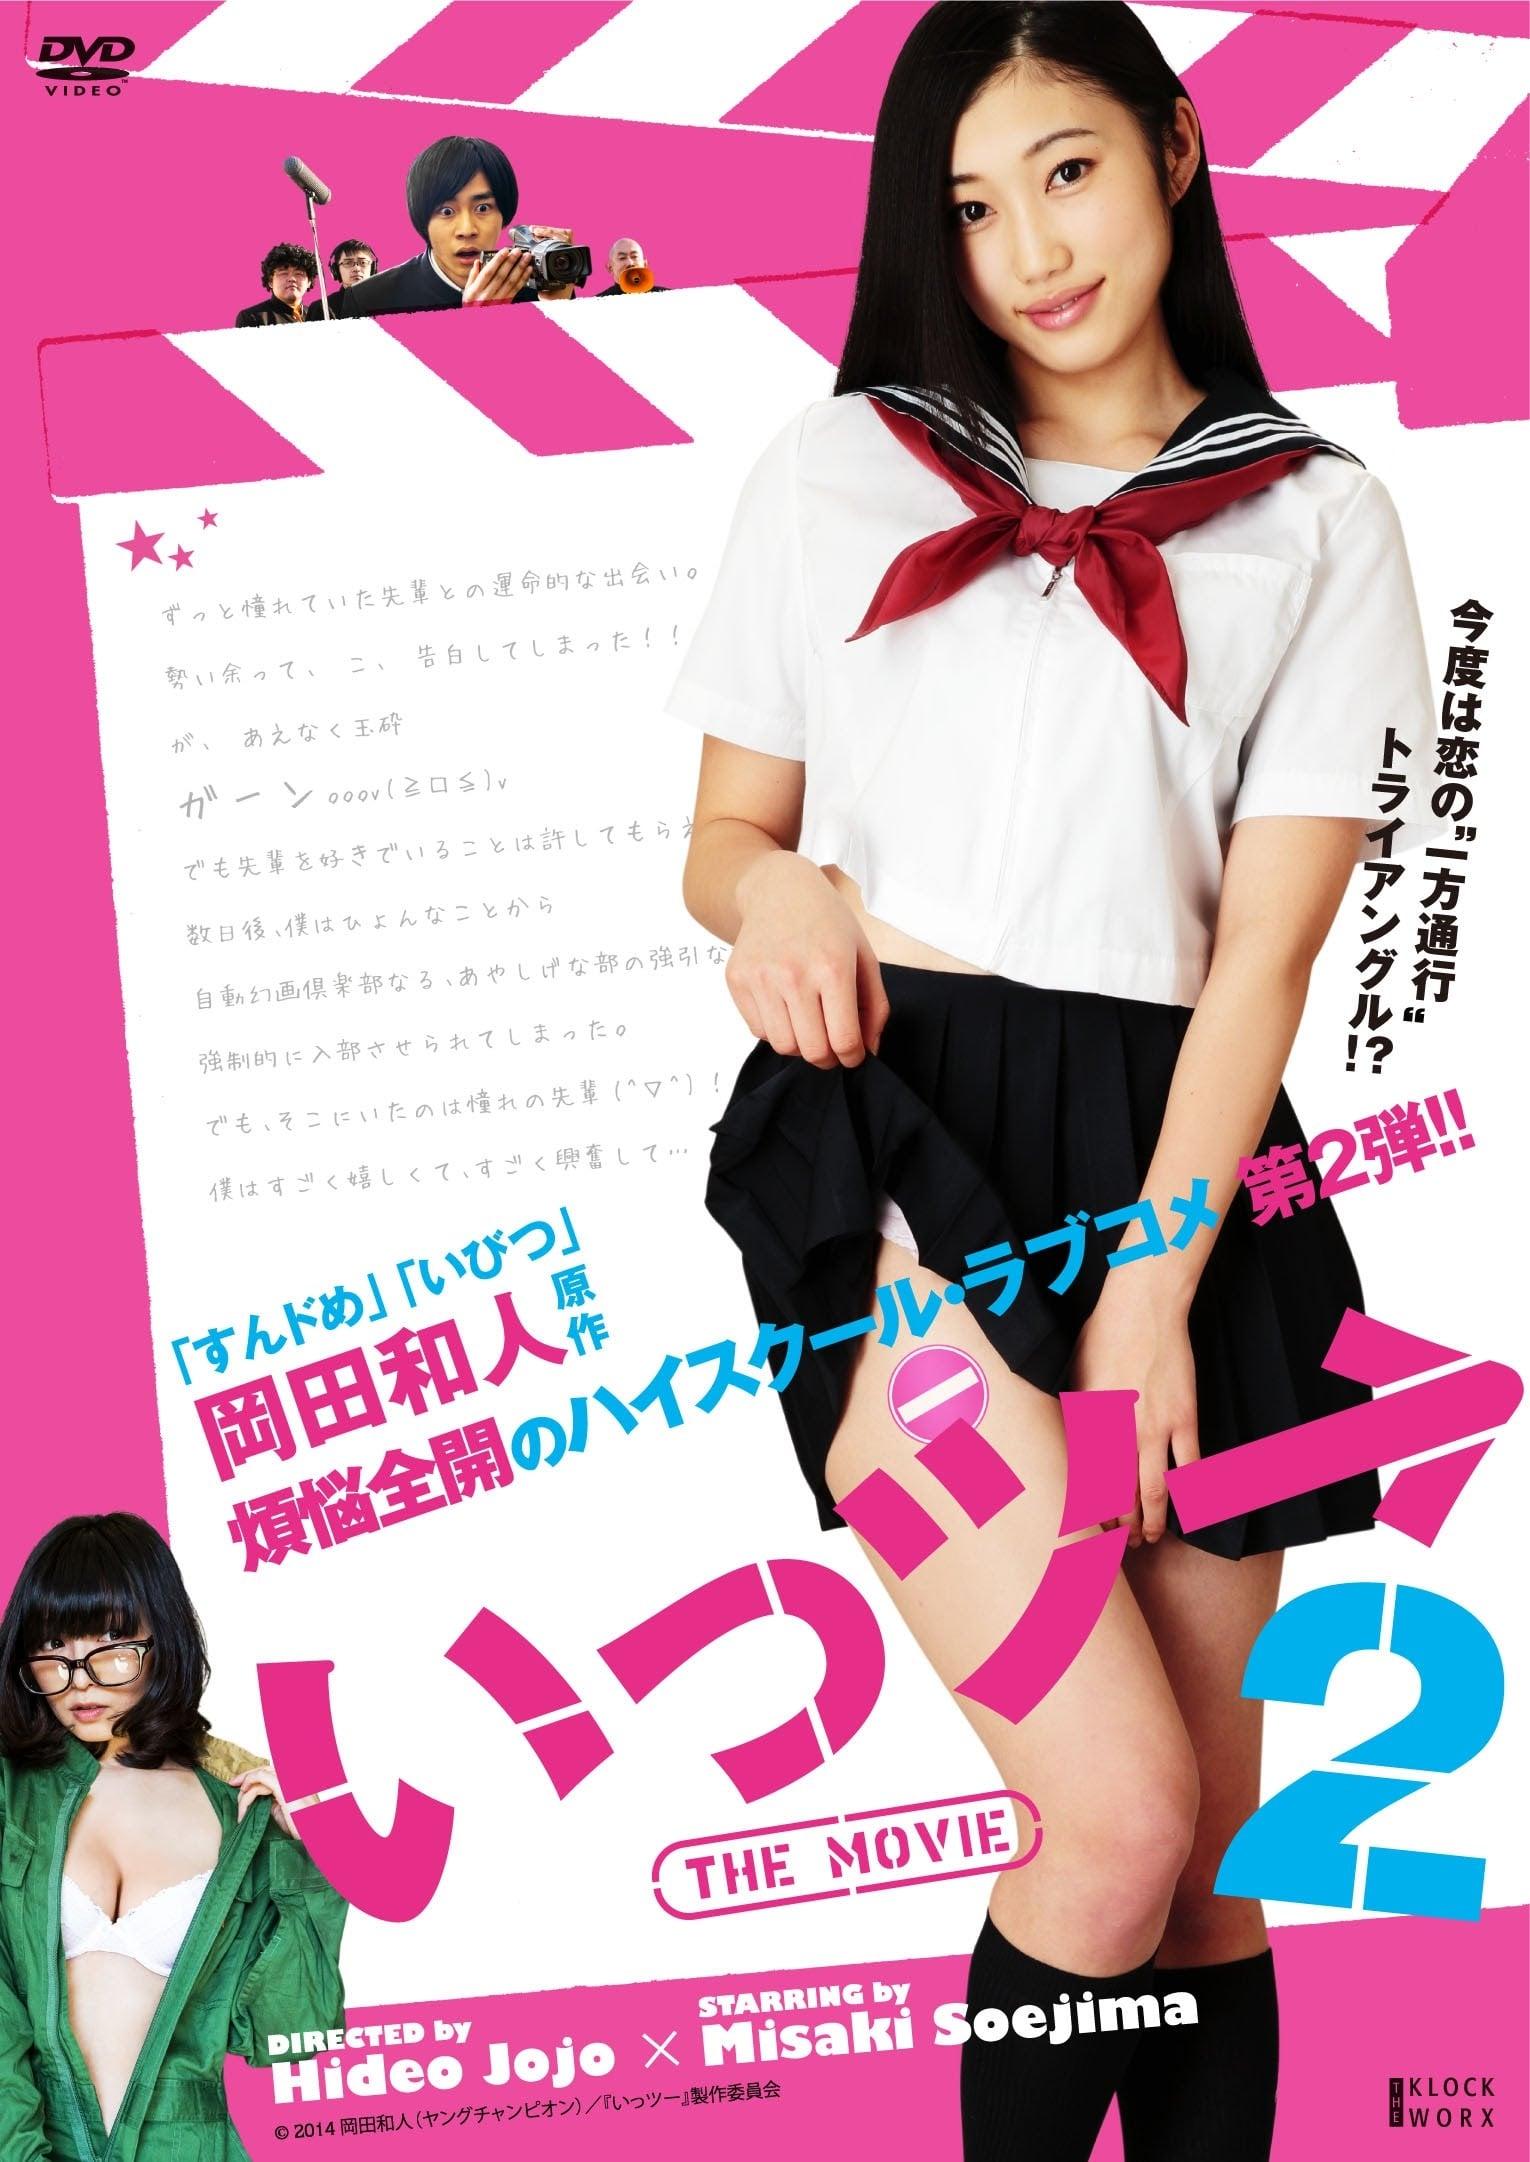 Ittsu: THE MOVIE 2